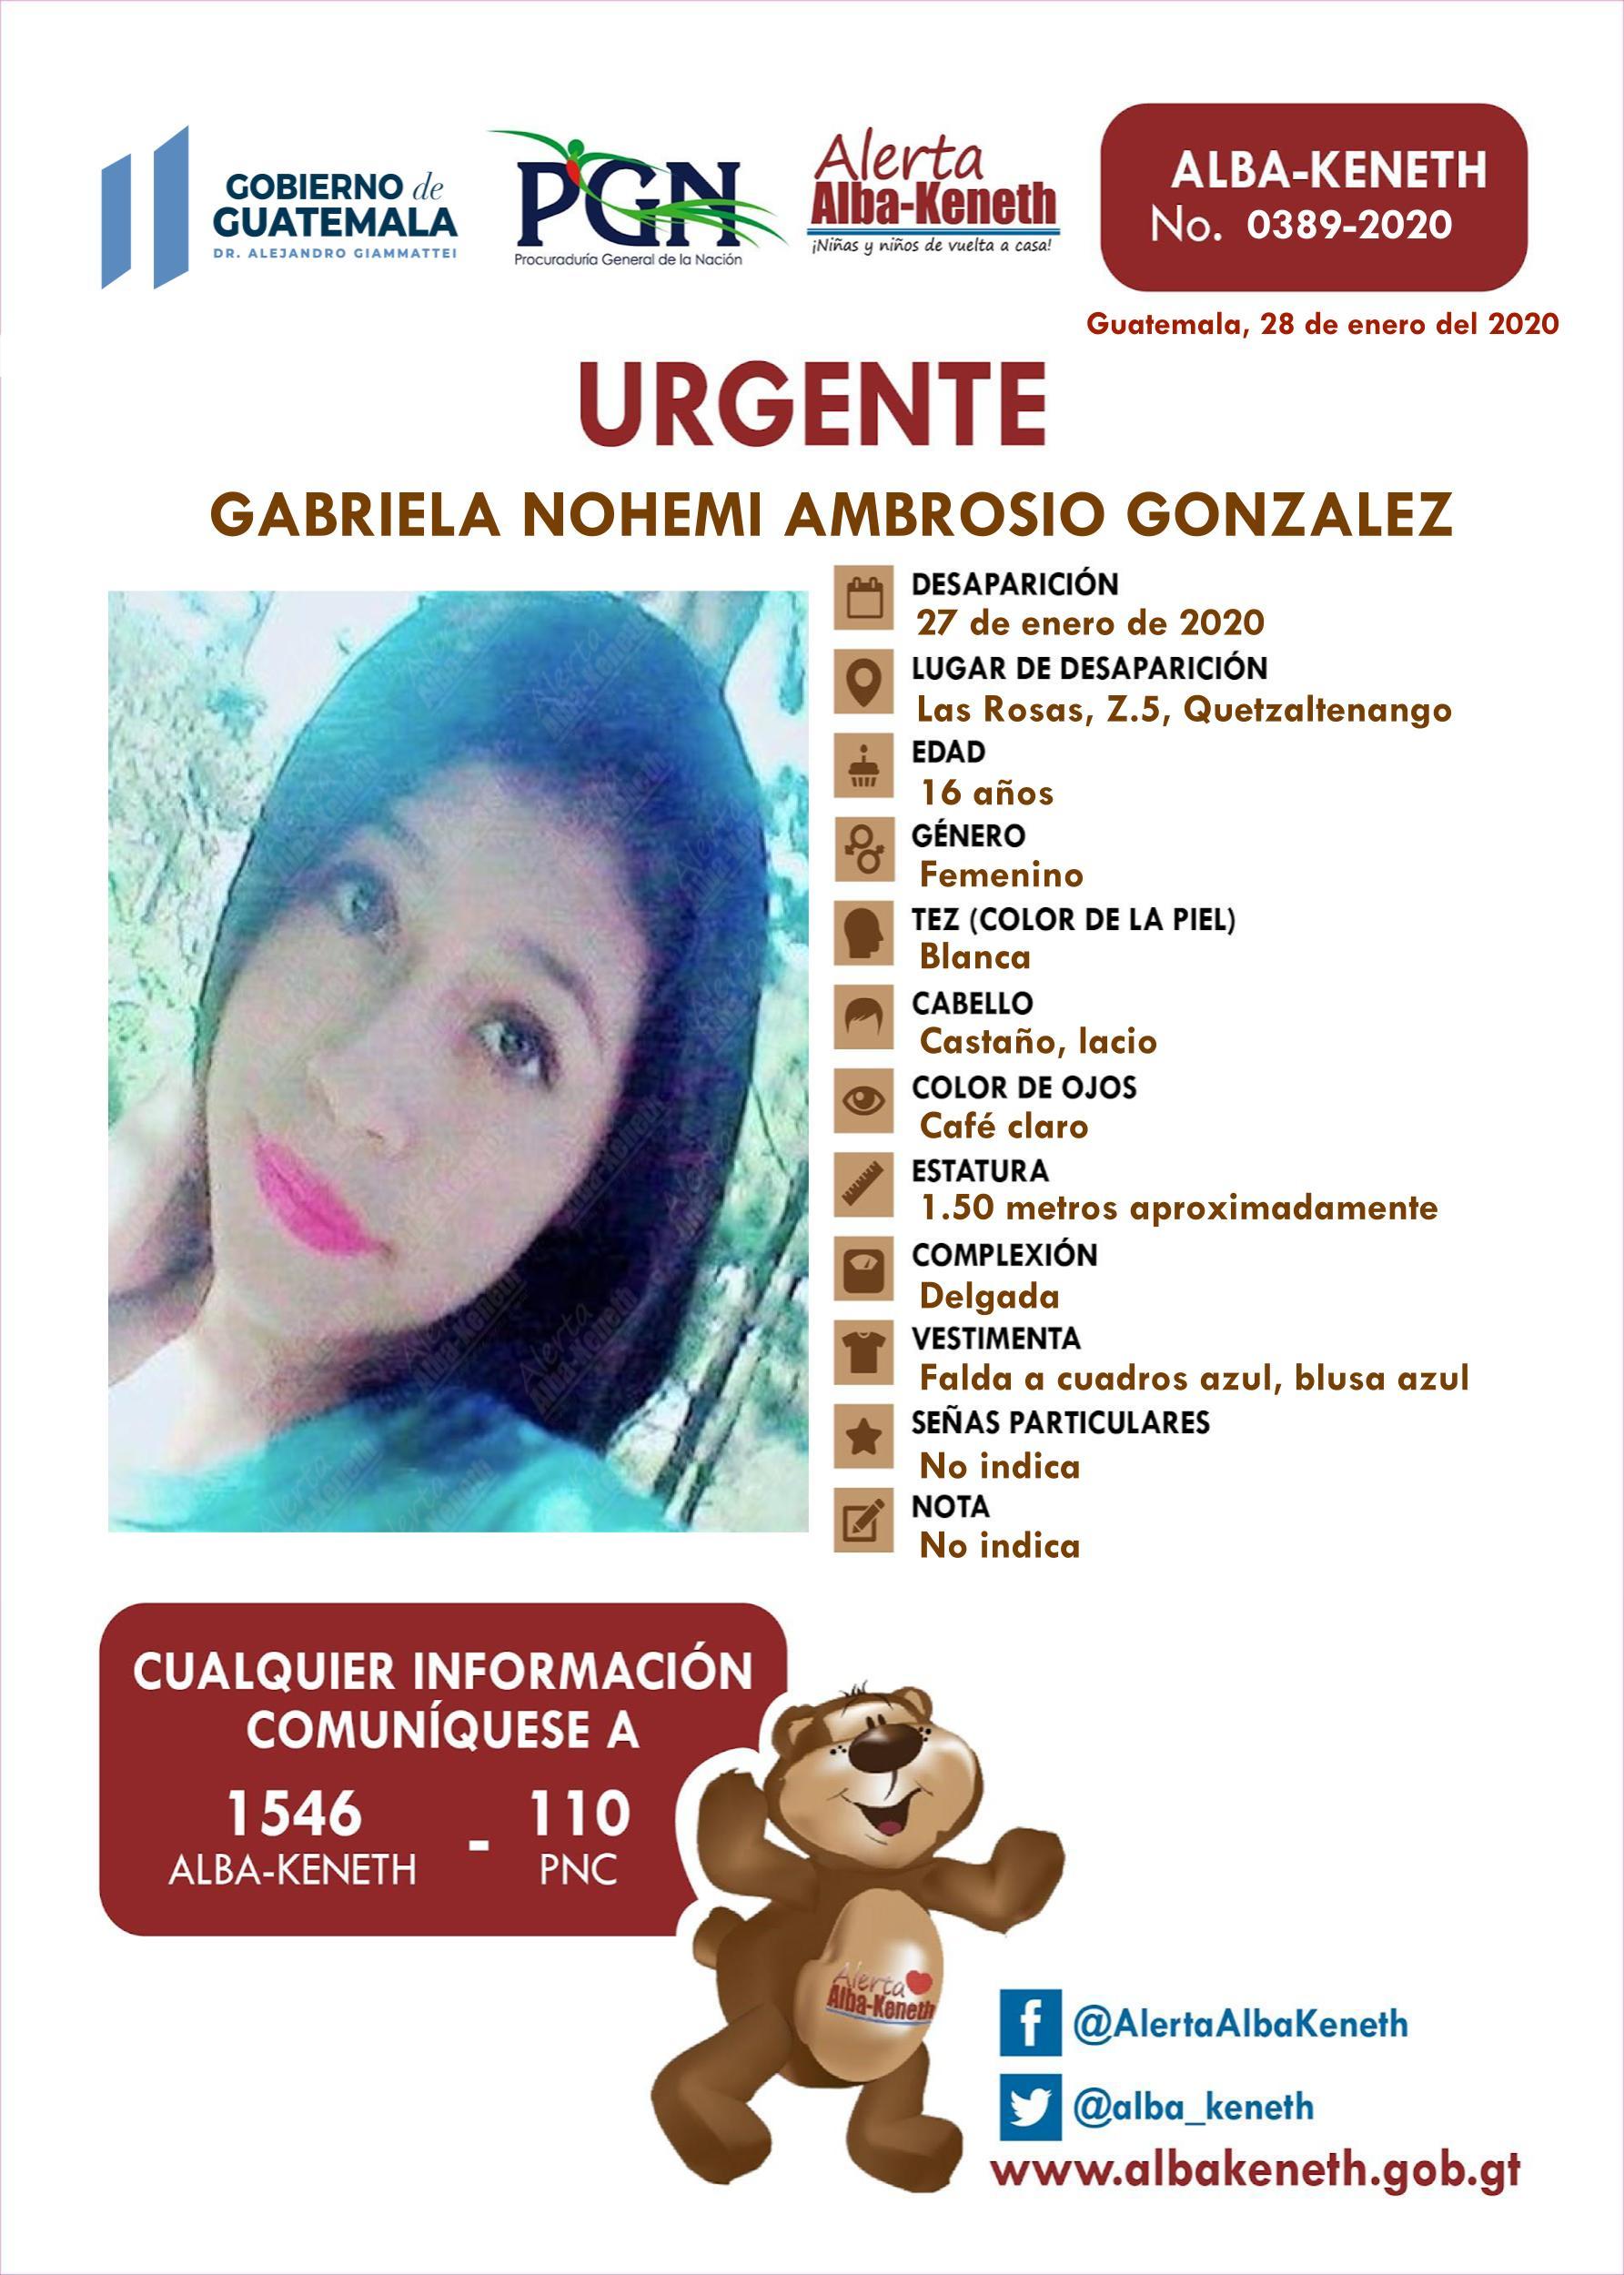 Gabriela Nohemi Ambrosio Gonzalez